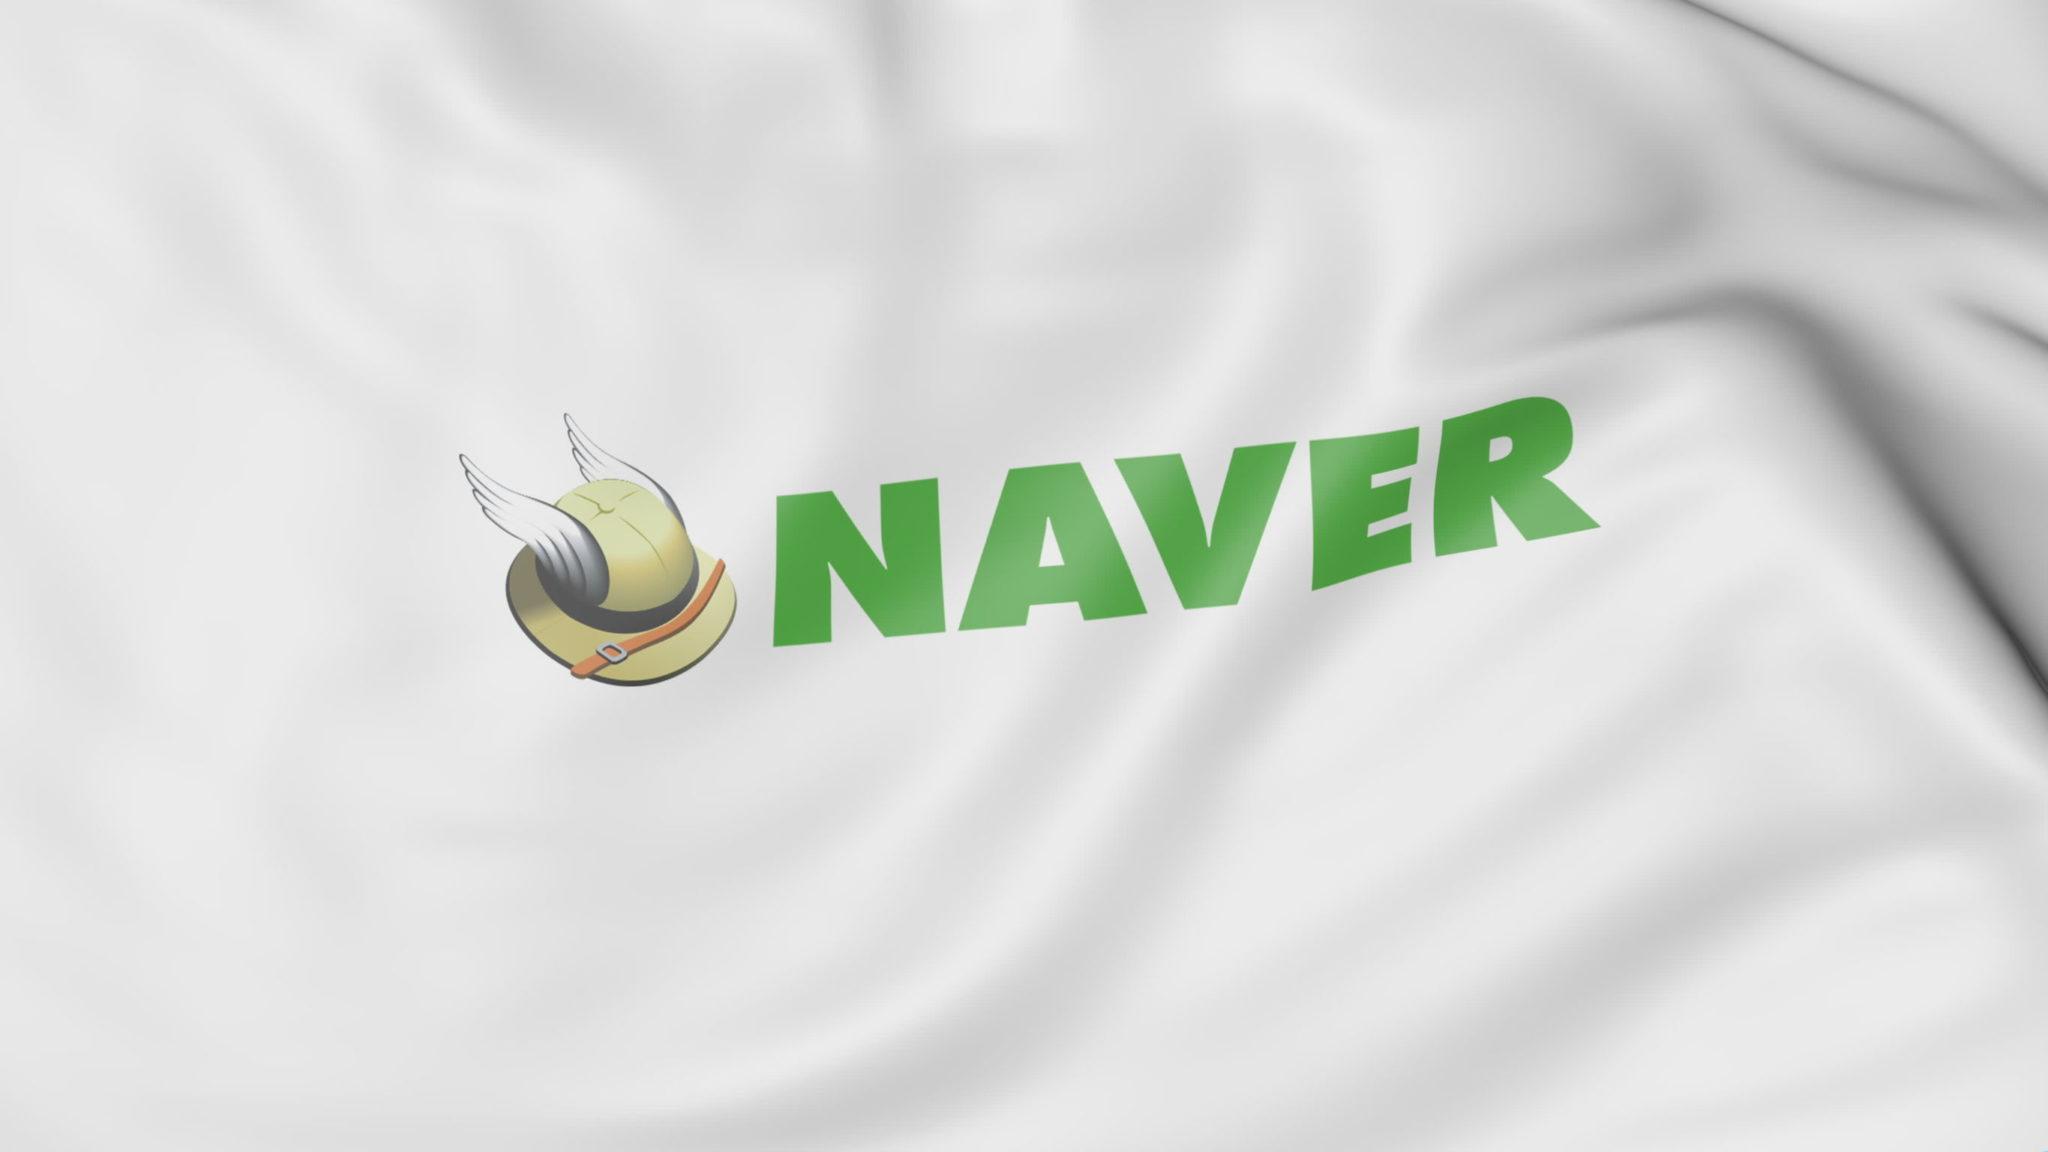 top 5 naver apps that make living in korea easier